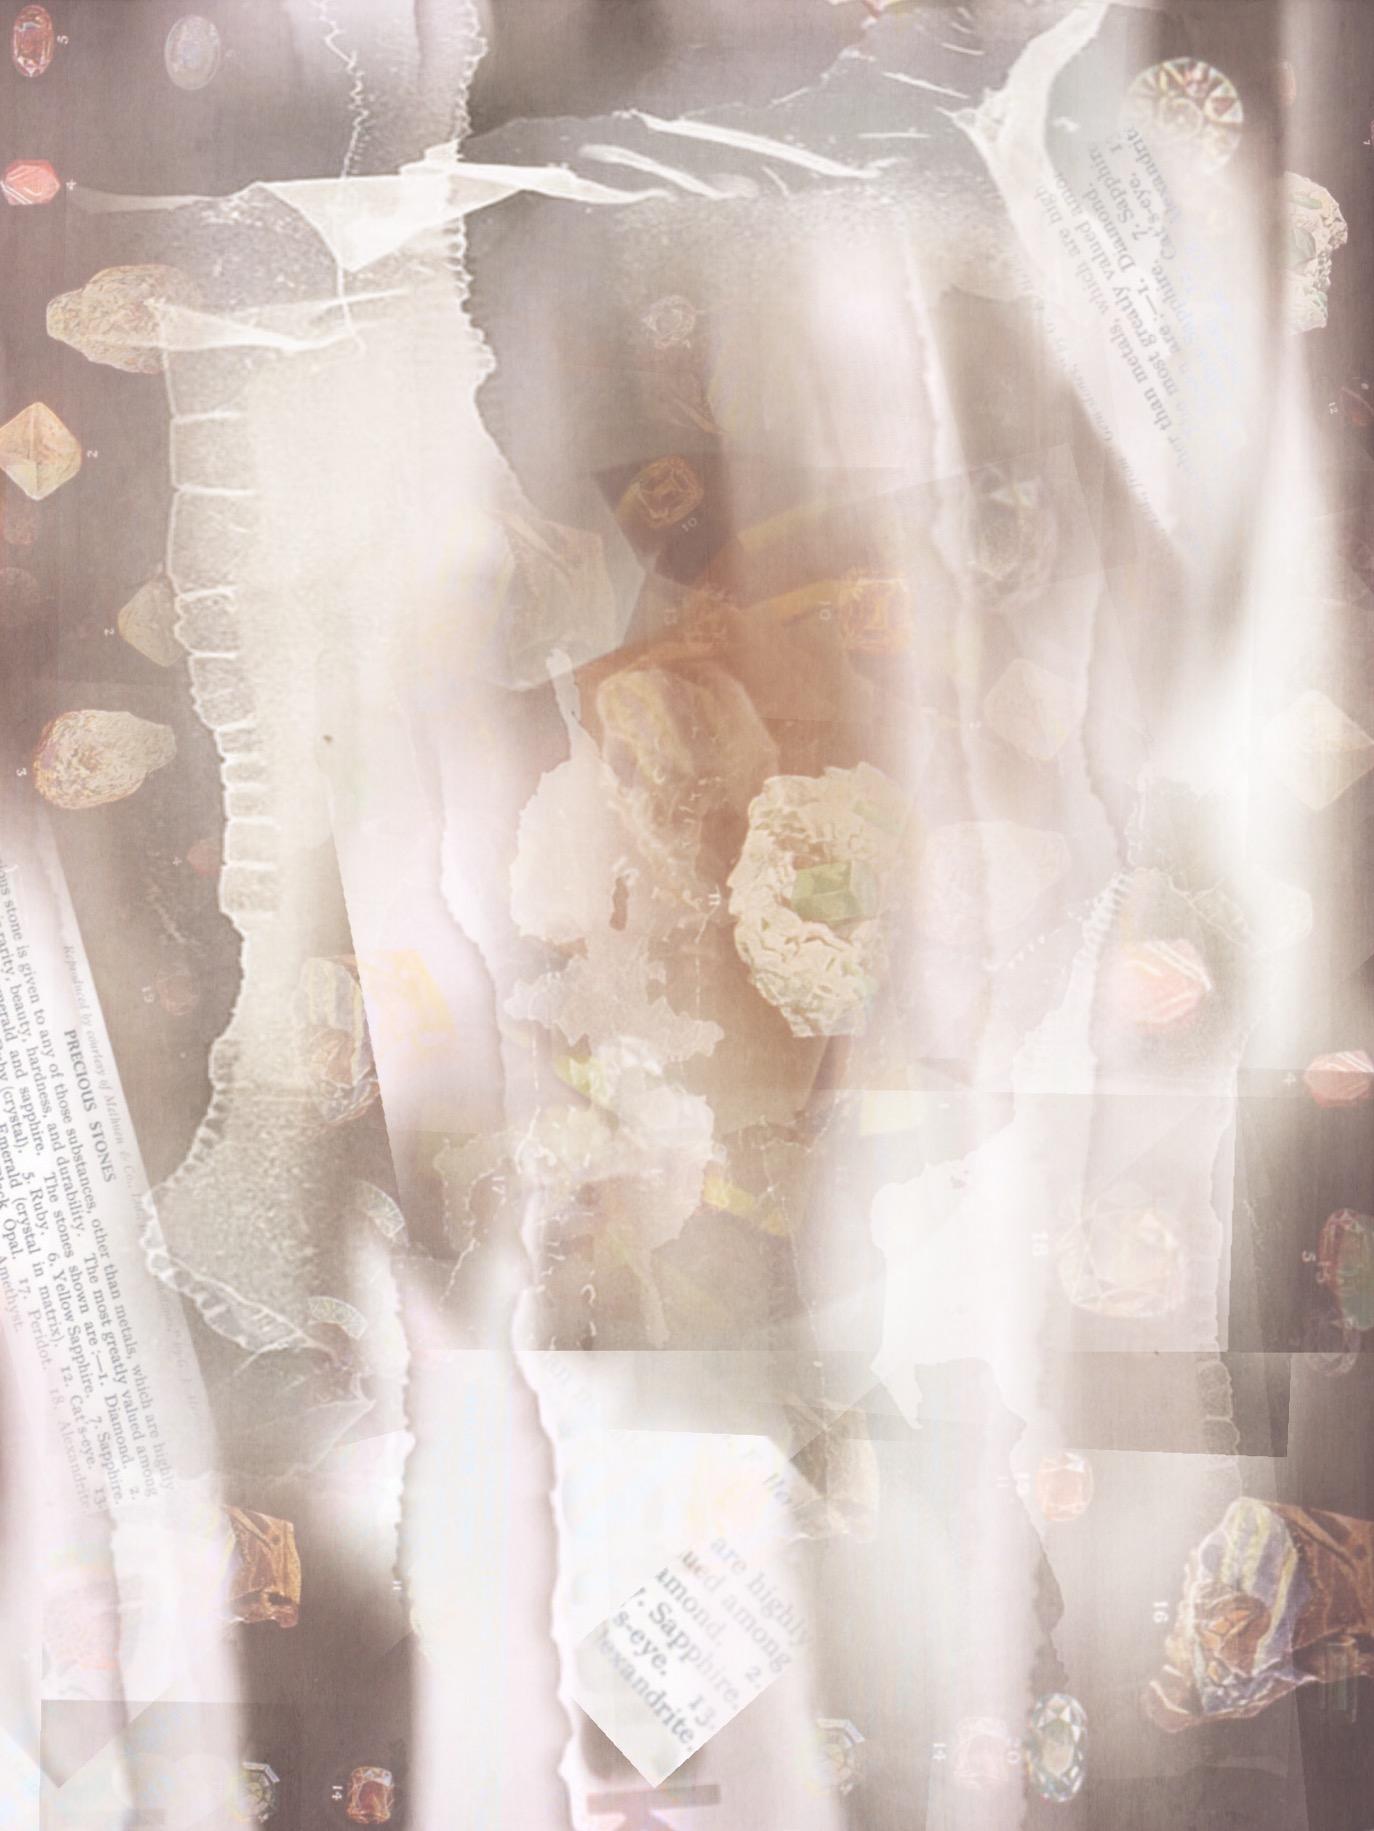 (31) Lucinda Nicholas - What is precious seems hidden Image